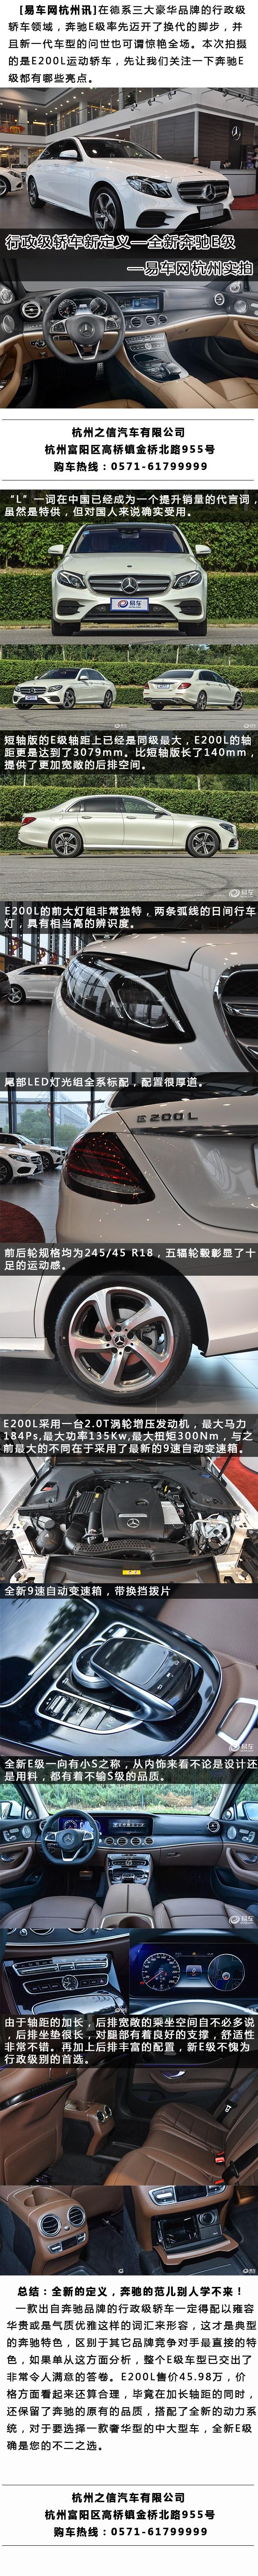 定义全新行政级轿车——奔驰E200L杭州之信店实拍